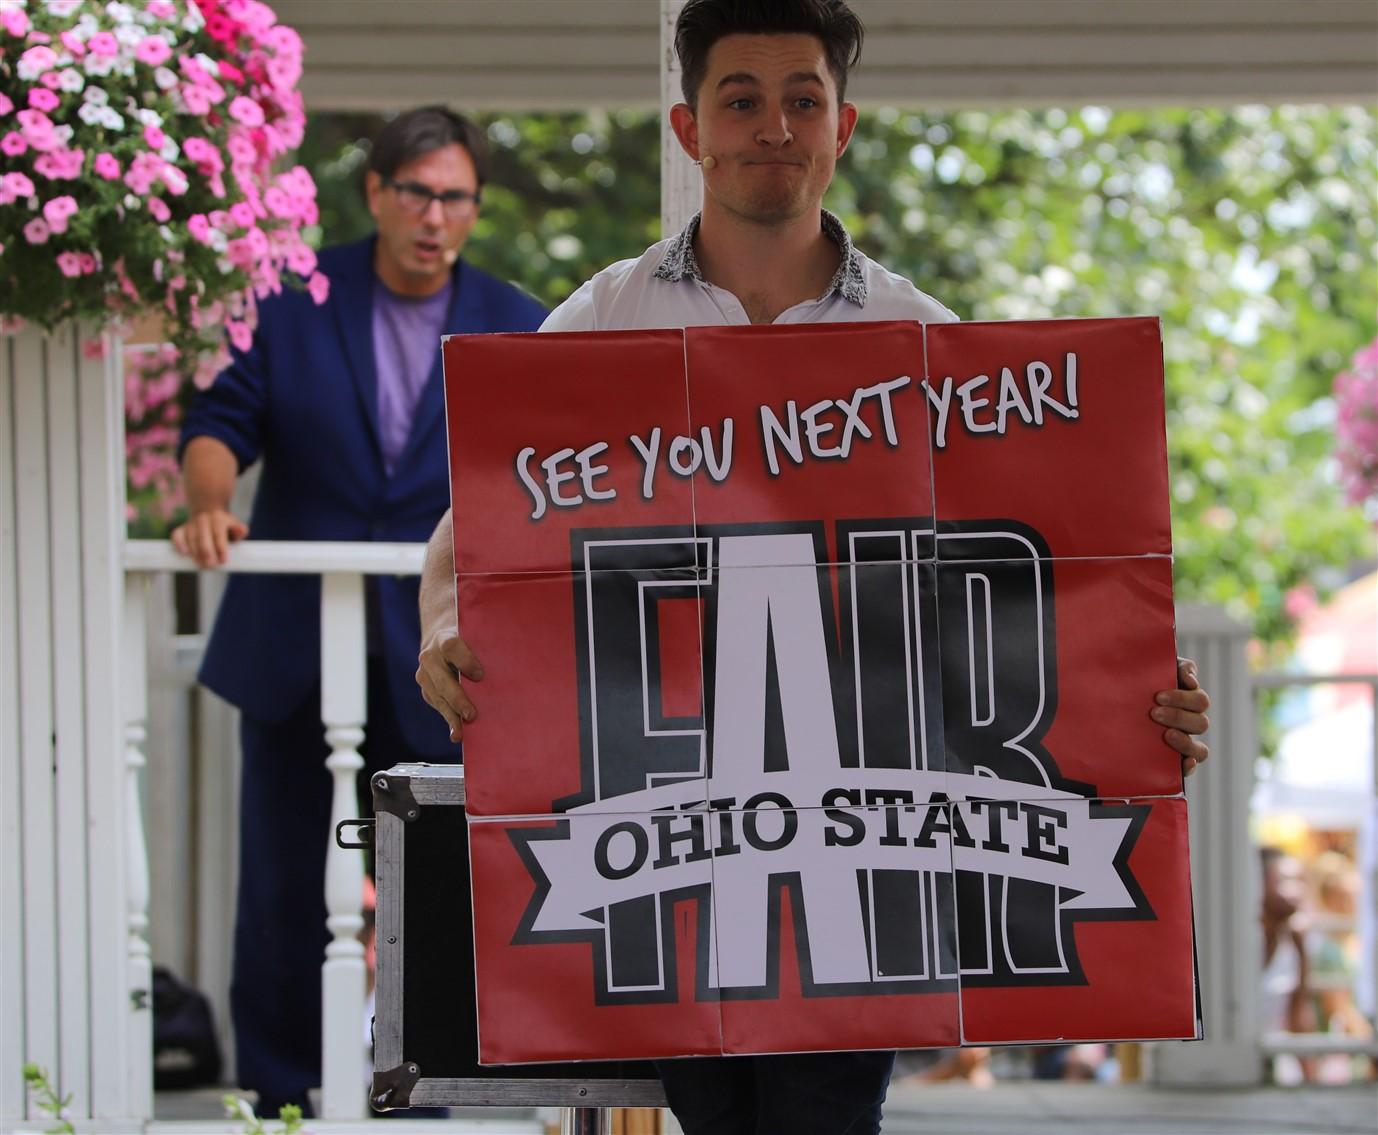 2018 07 29 128 Columbus Ohio State Fair.jpg